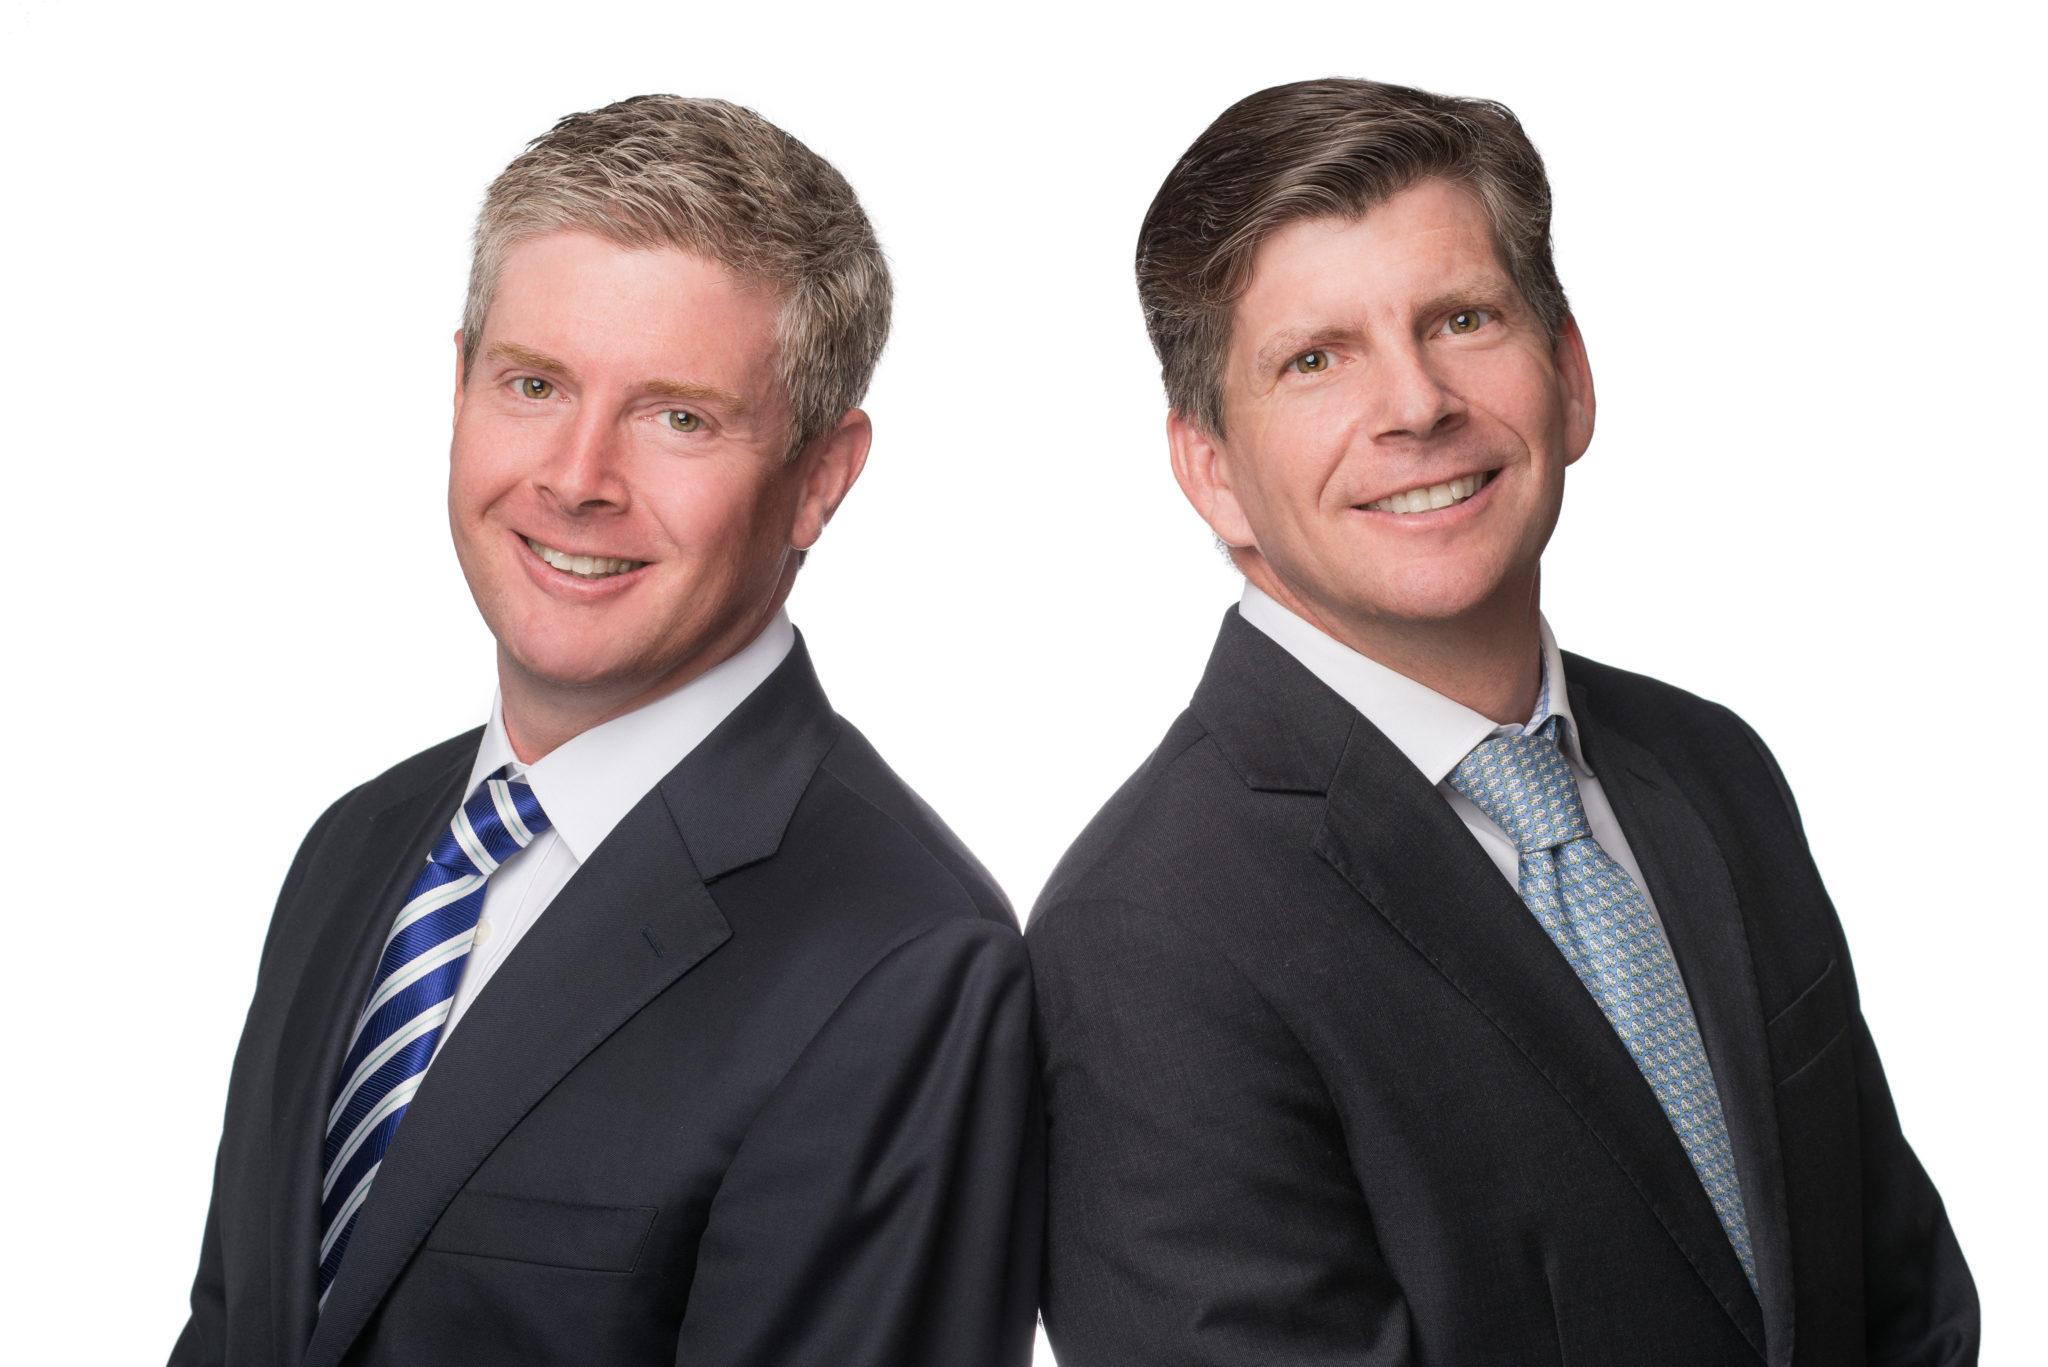 Wydler Brothers Real Estate independent brokerage